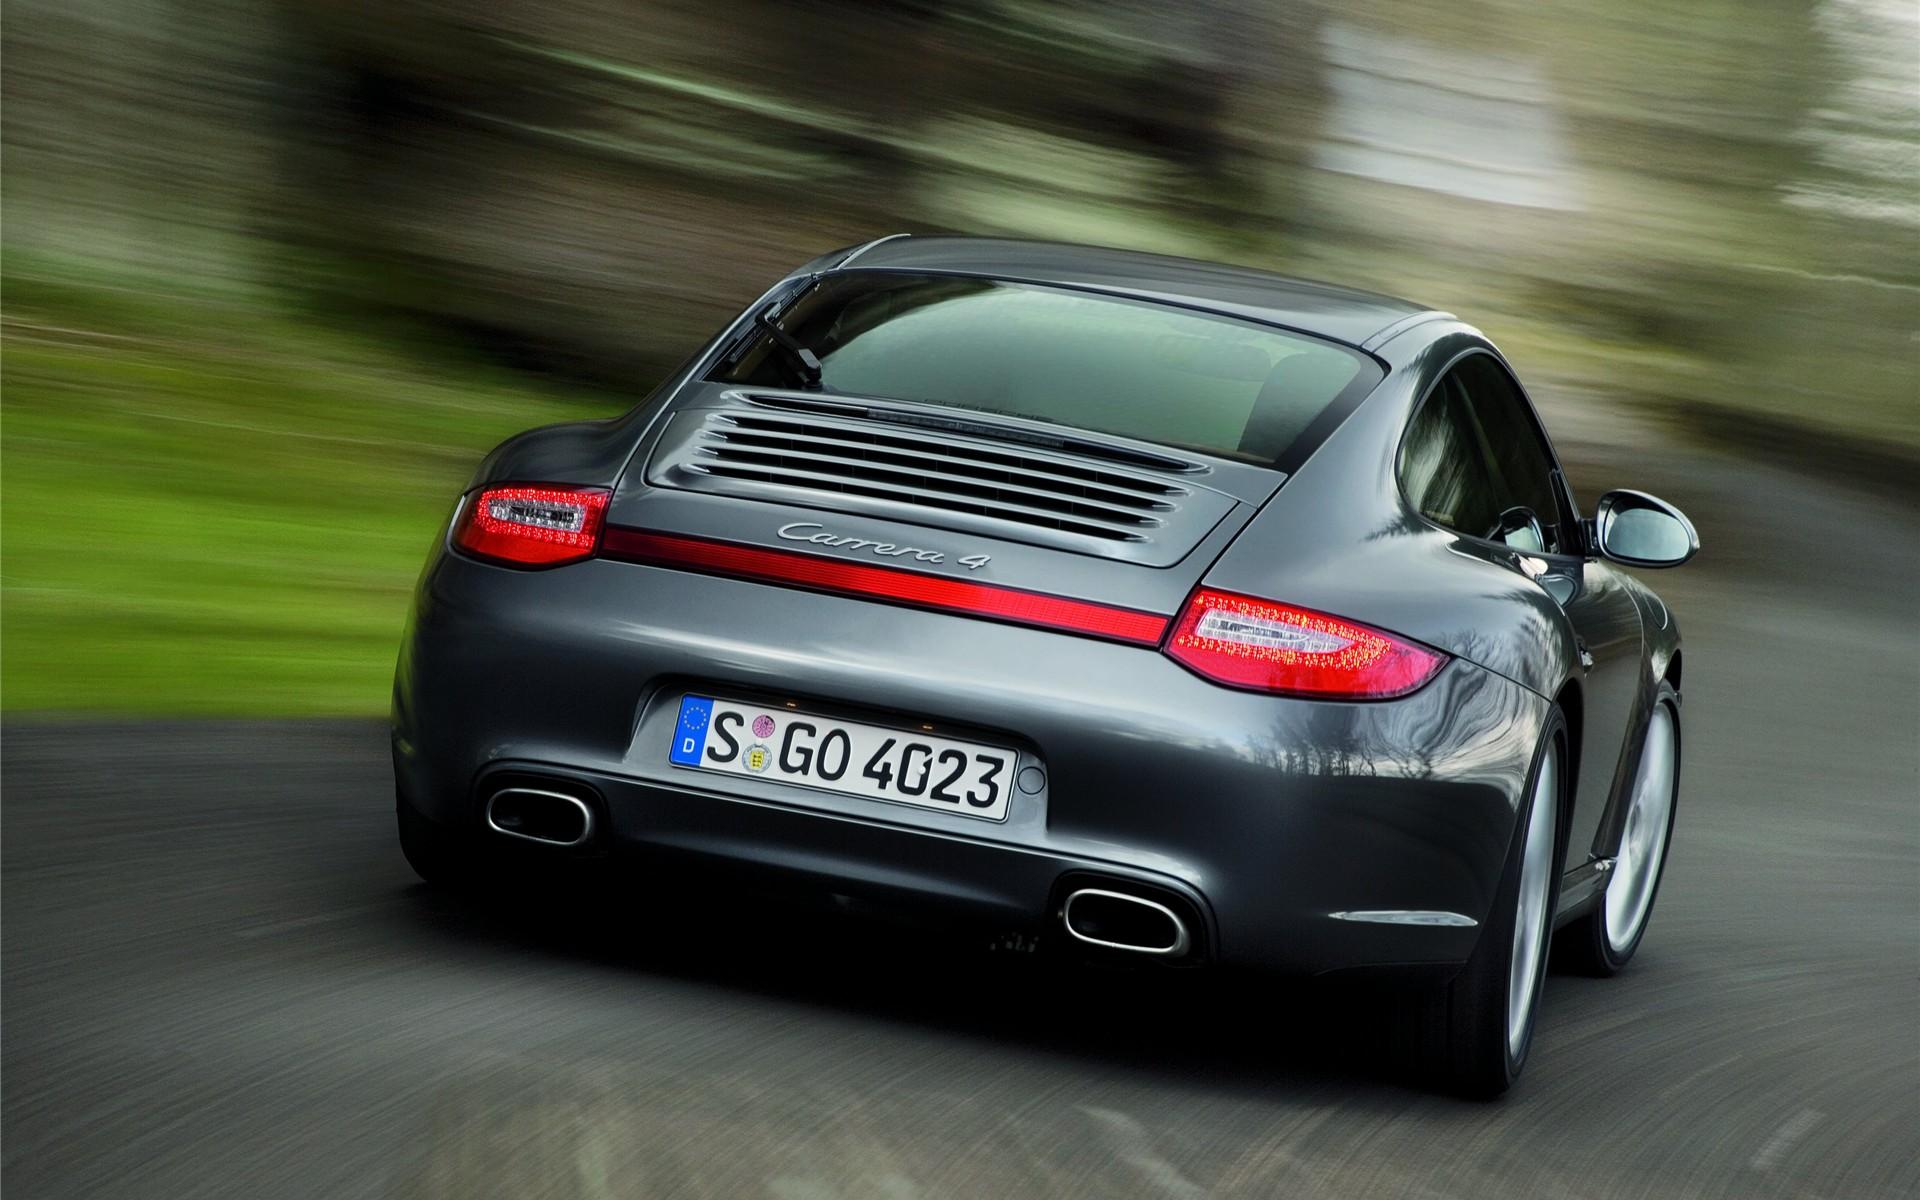 Porsche 911 Carrera 4 From Back